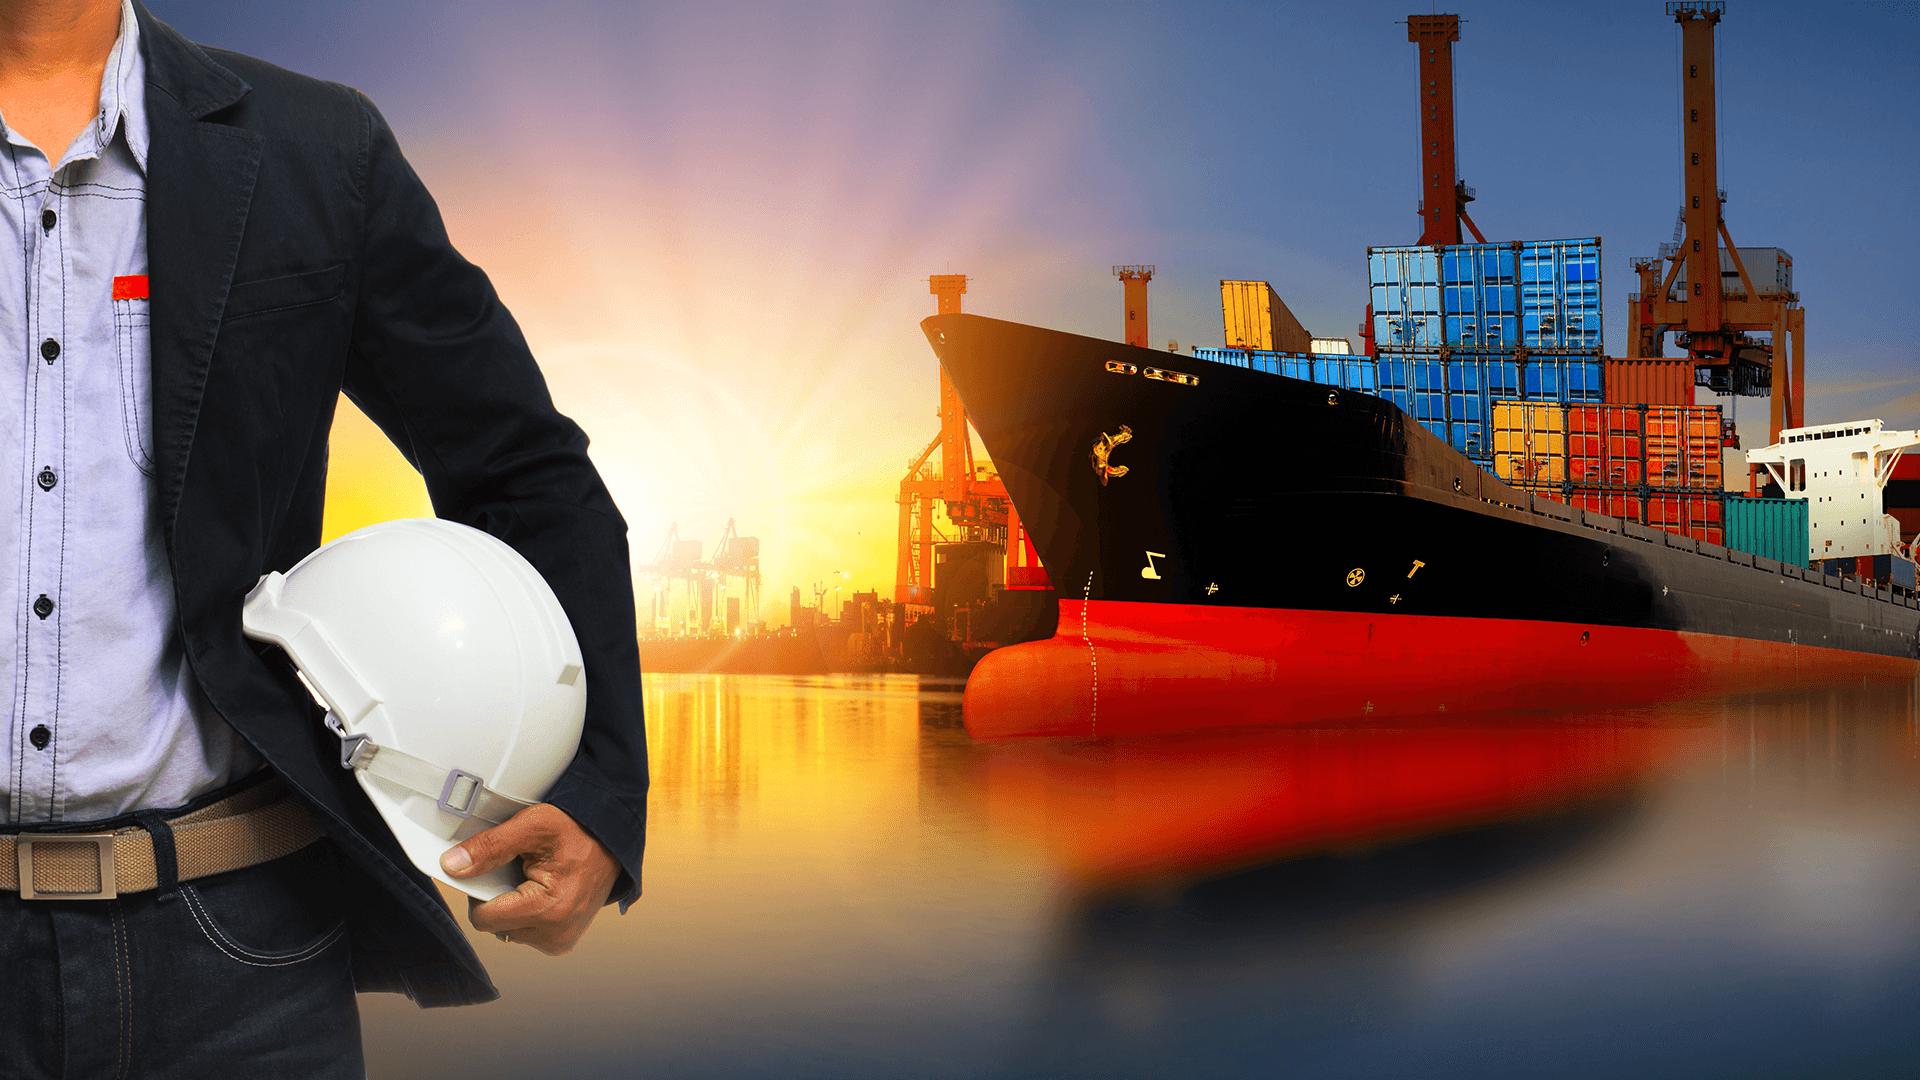 homem com capacete em baixo do braço e navio com porto ao pô-do-sol ao fundo